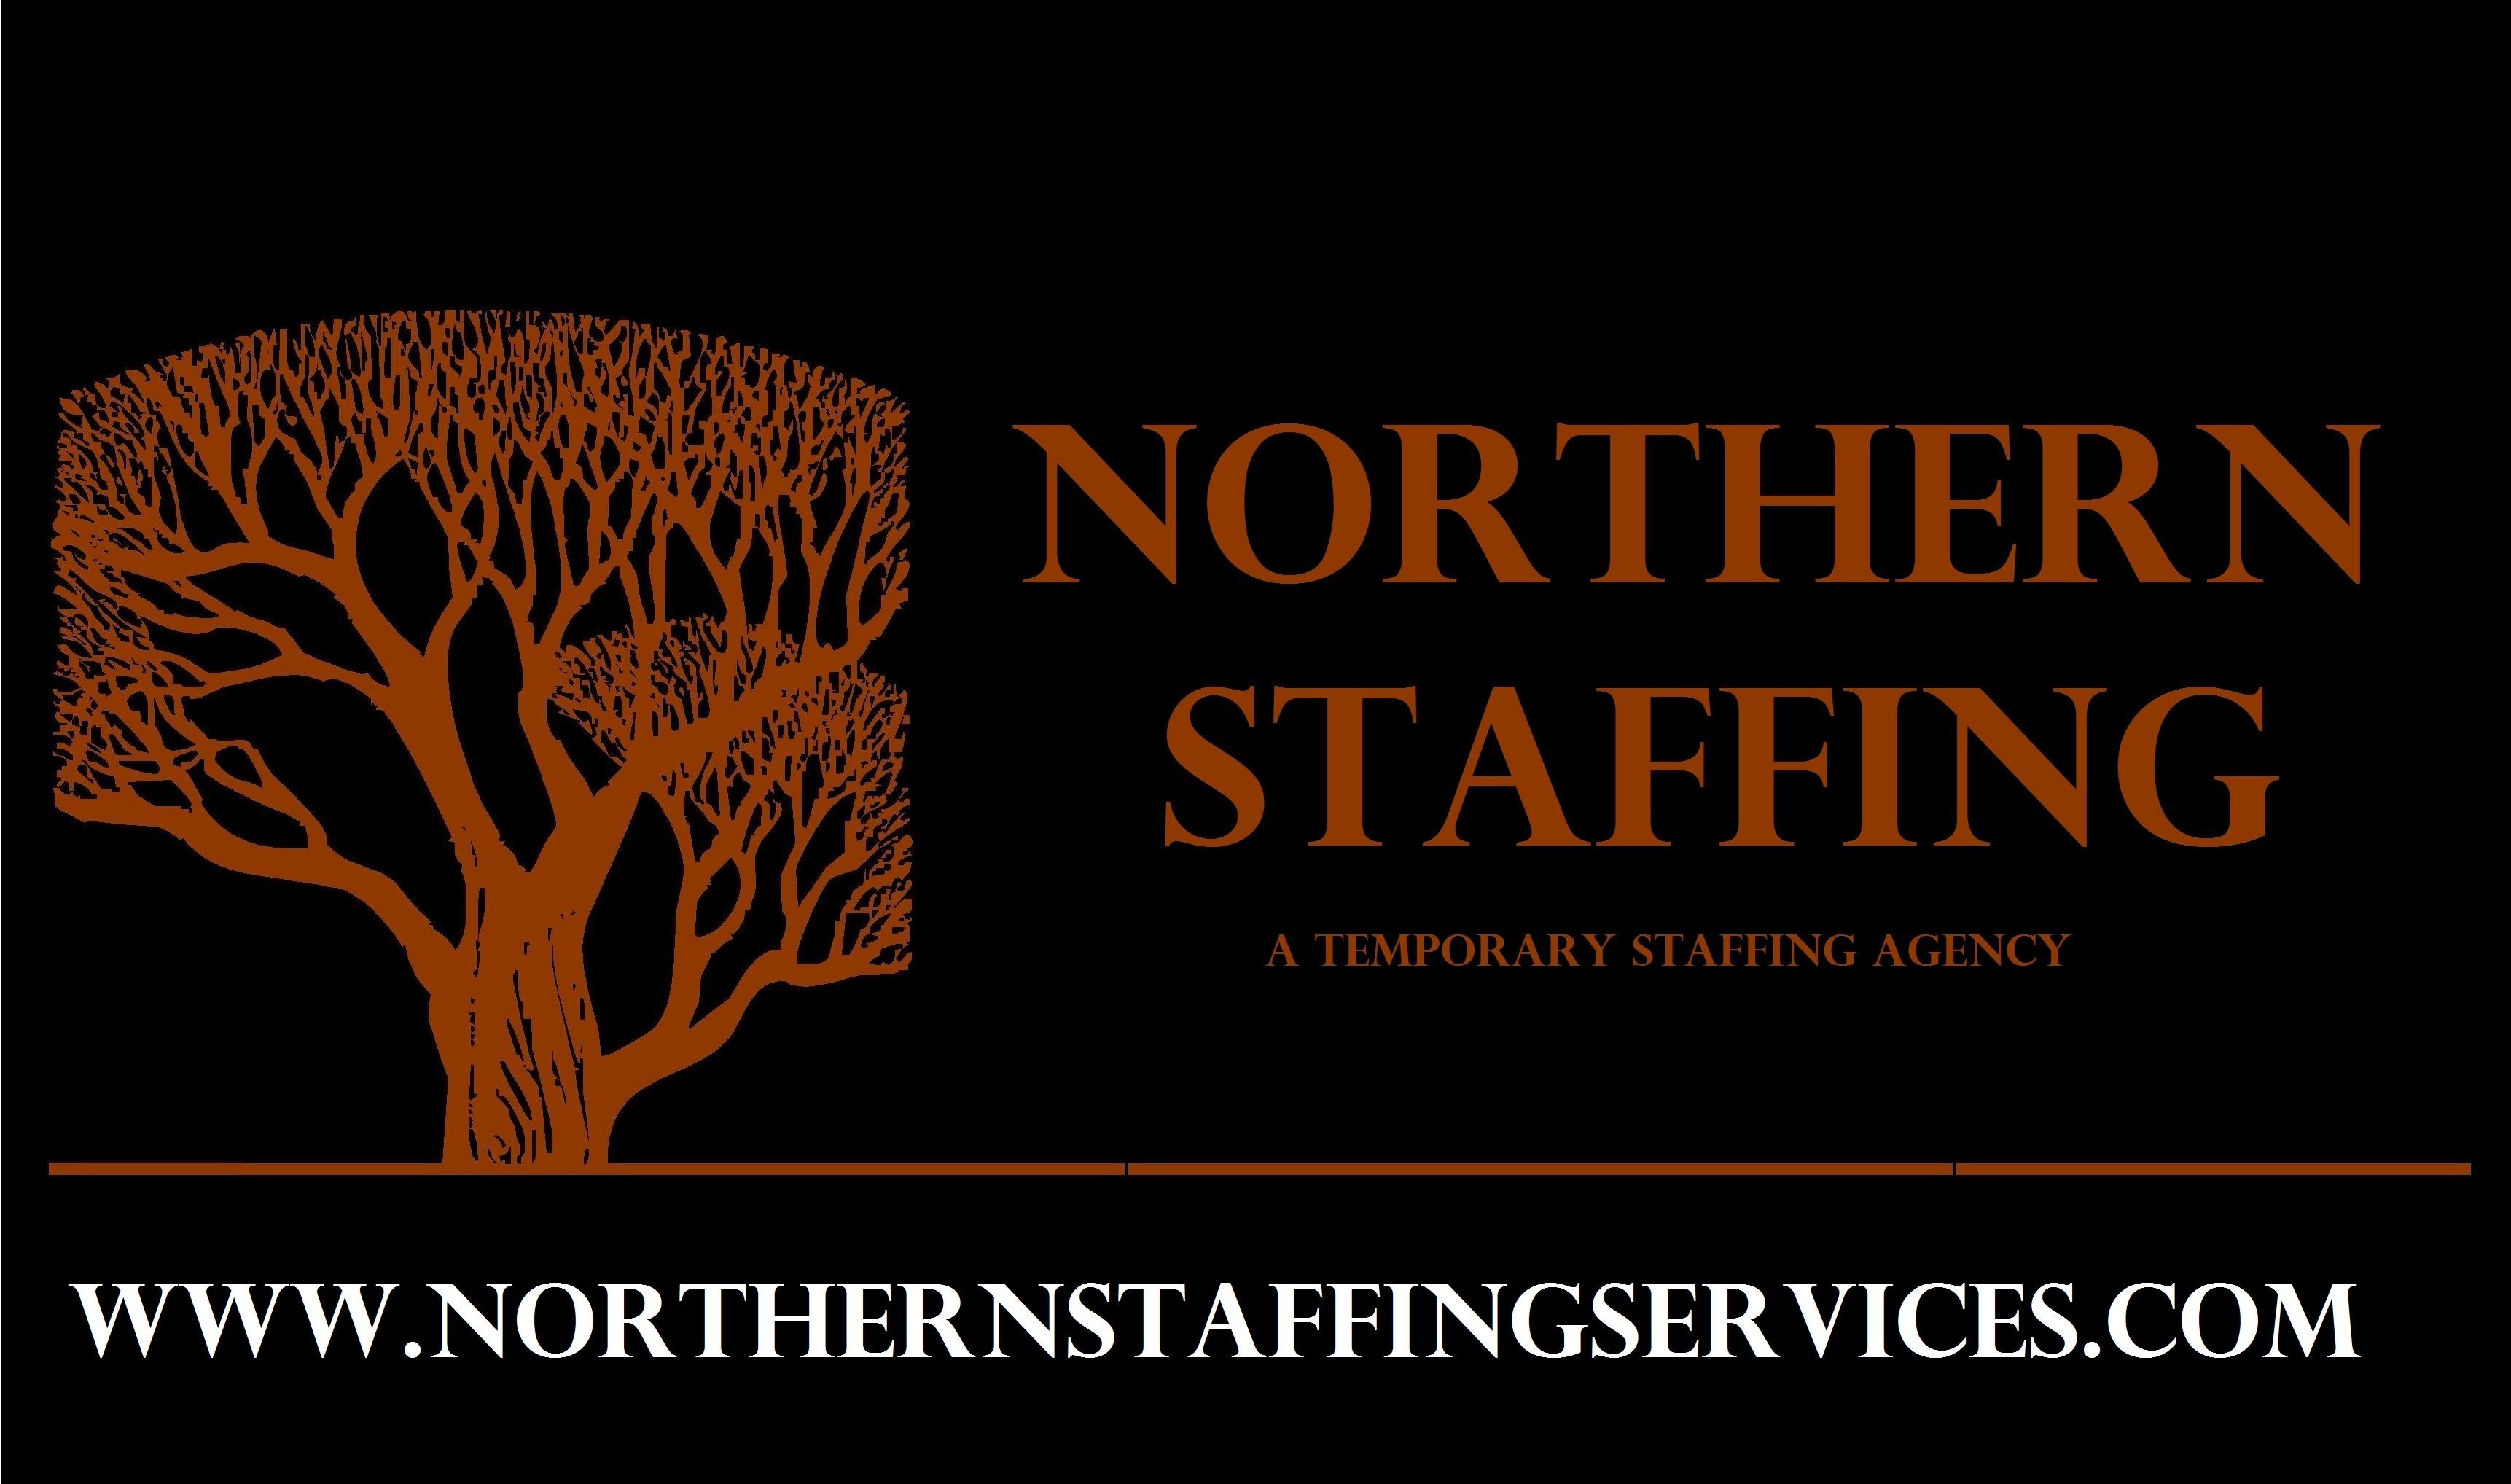 Northern Staffing